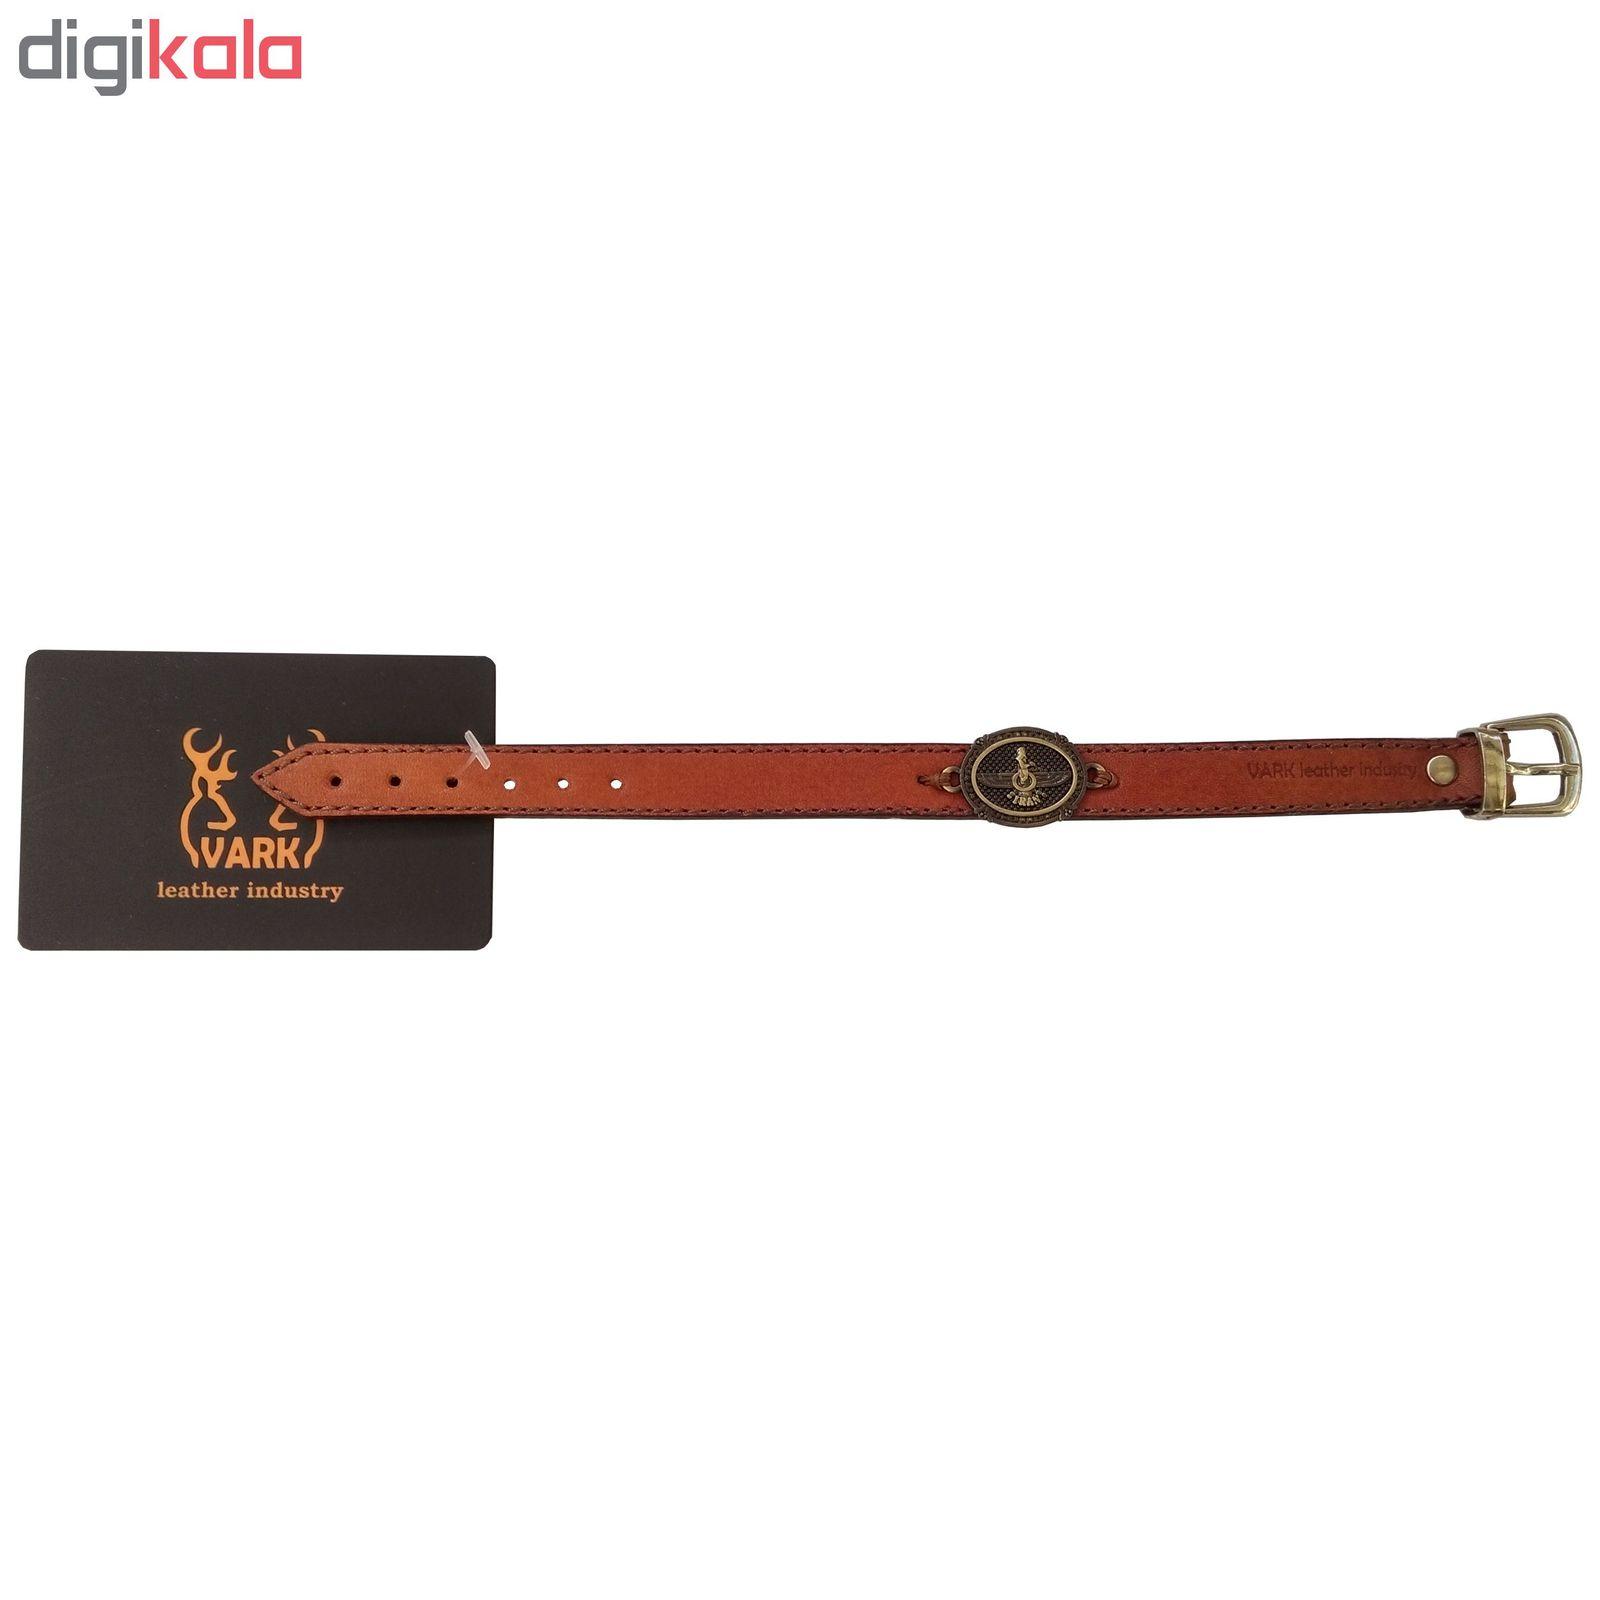 دستبند چرم وارک مدل پرهام کد rb38 main 1 8